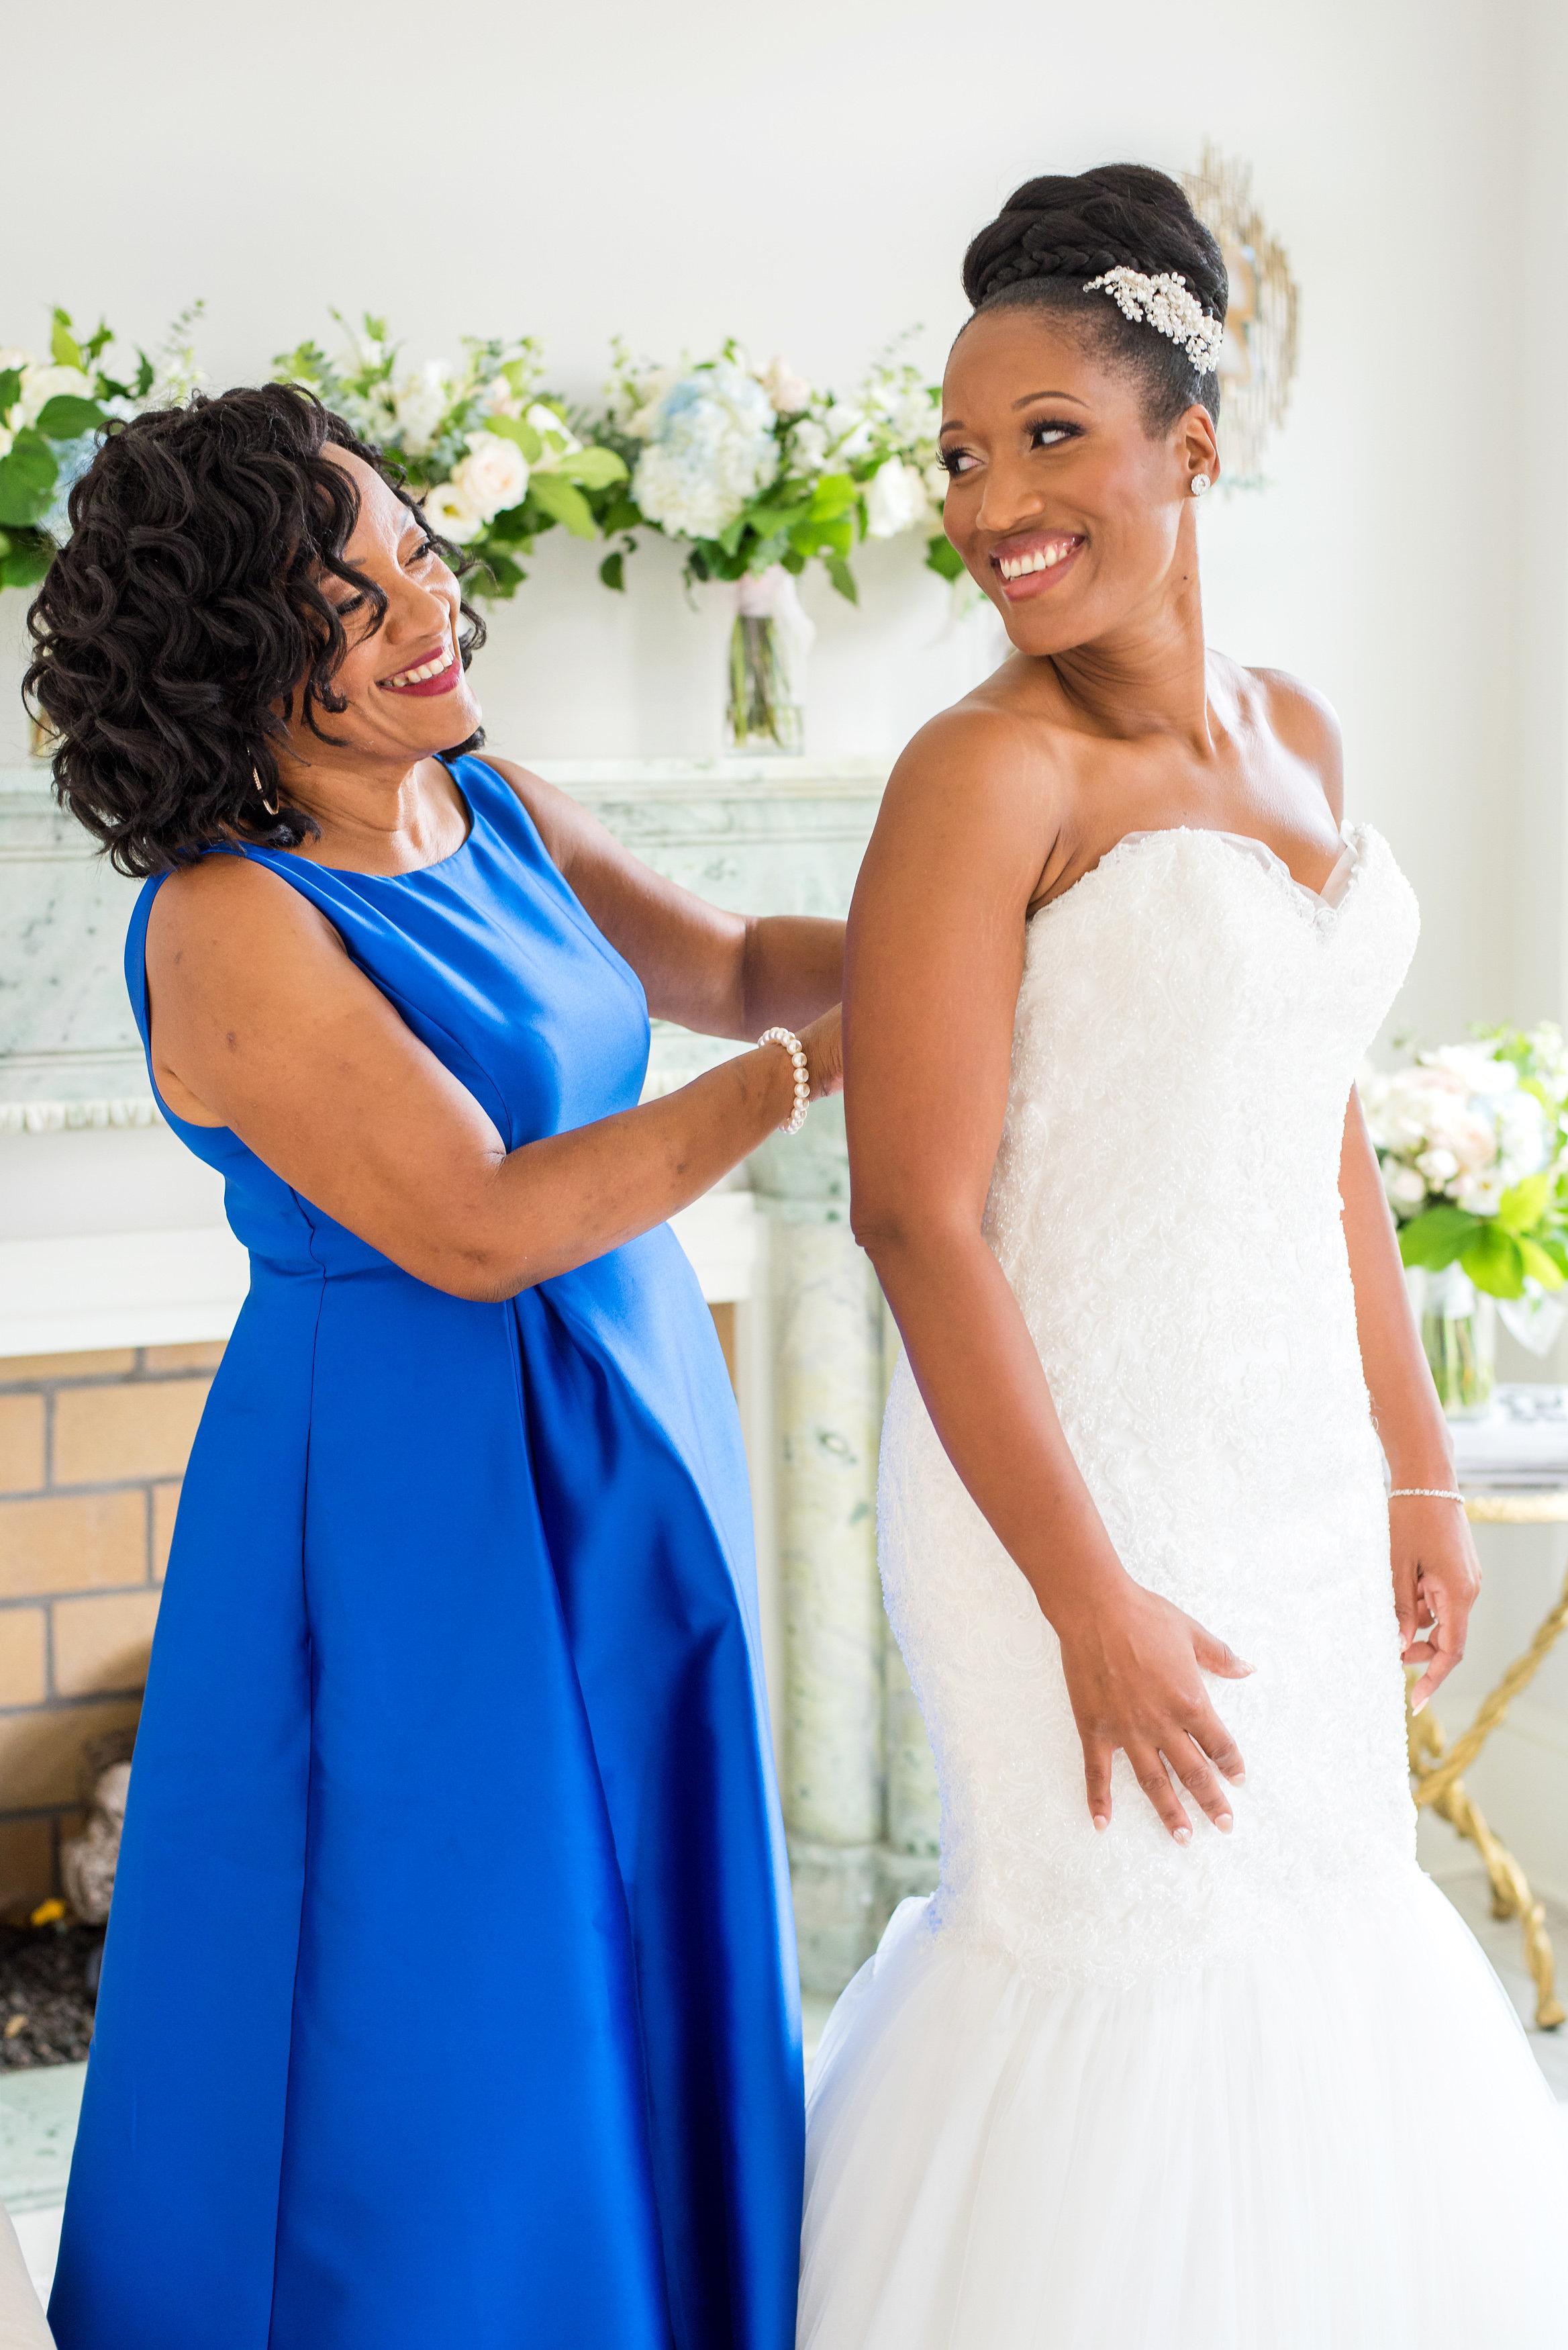 kenisha wendall wedding bride getting ready with mom blue dress